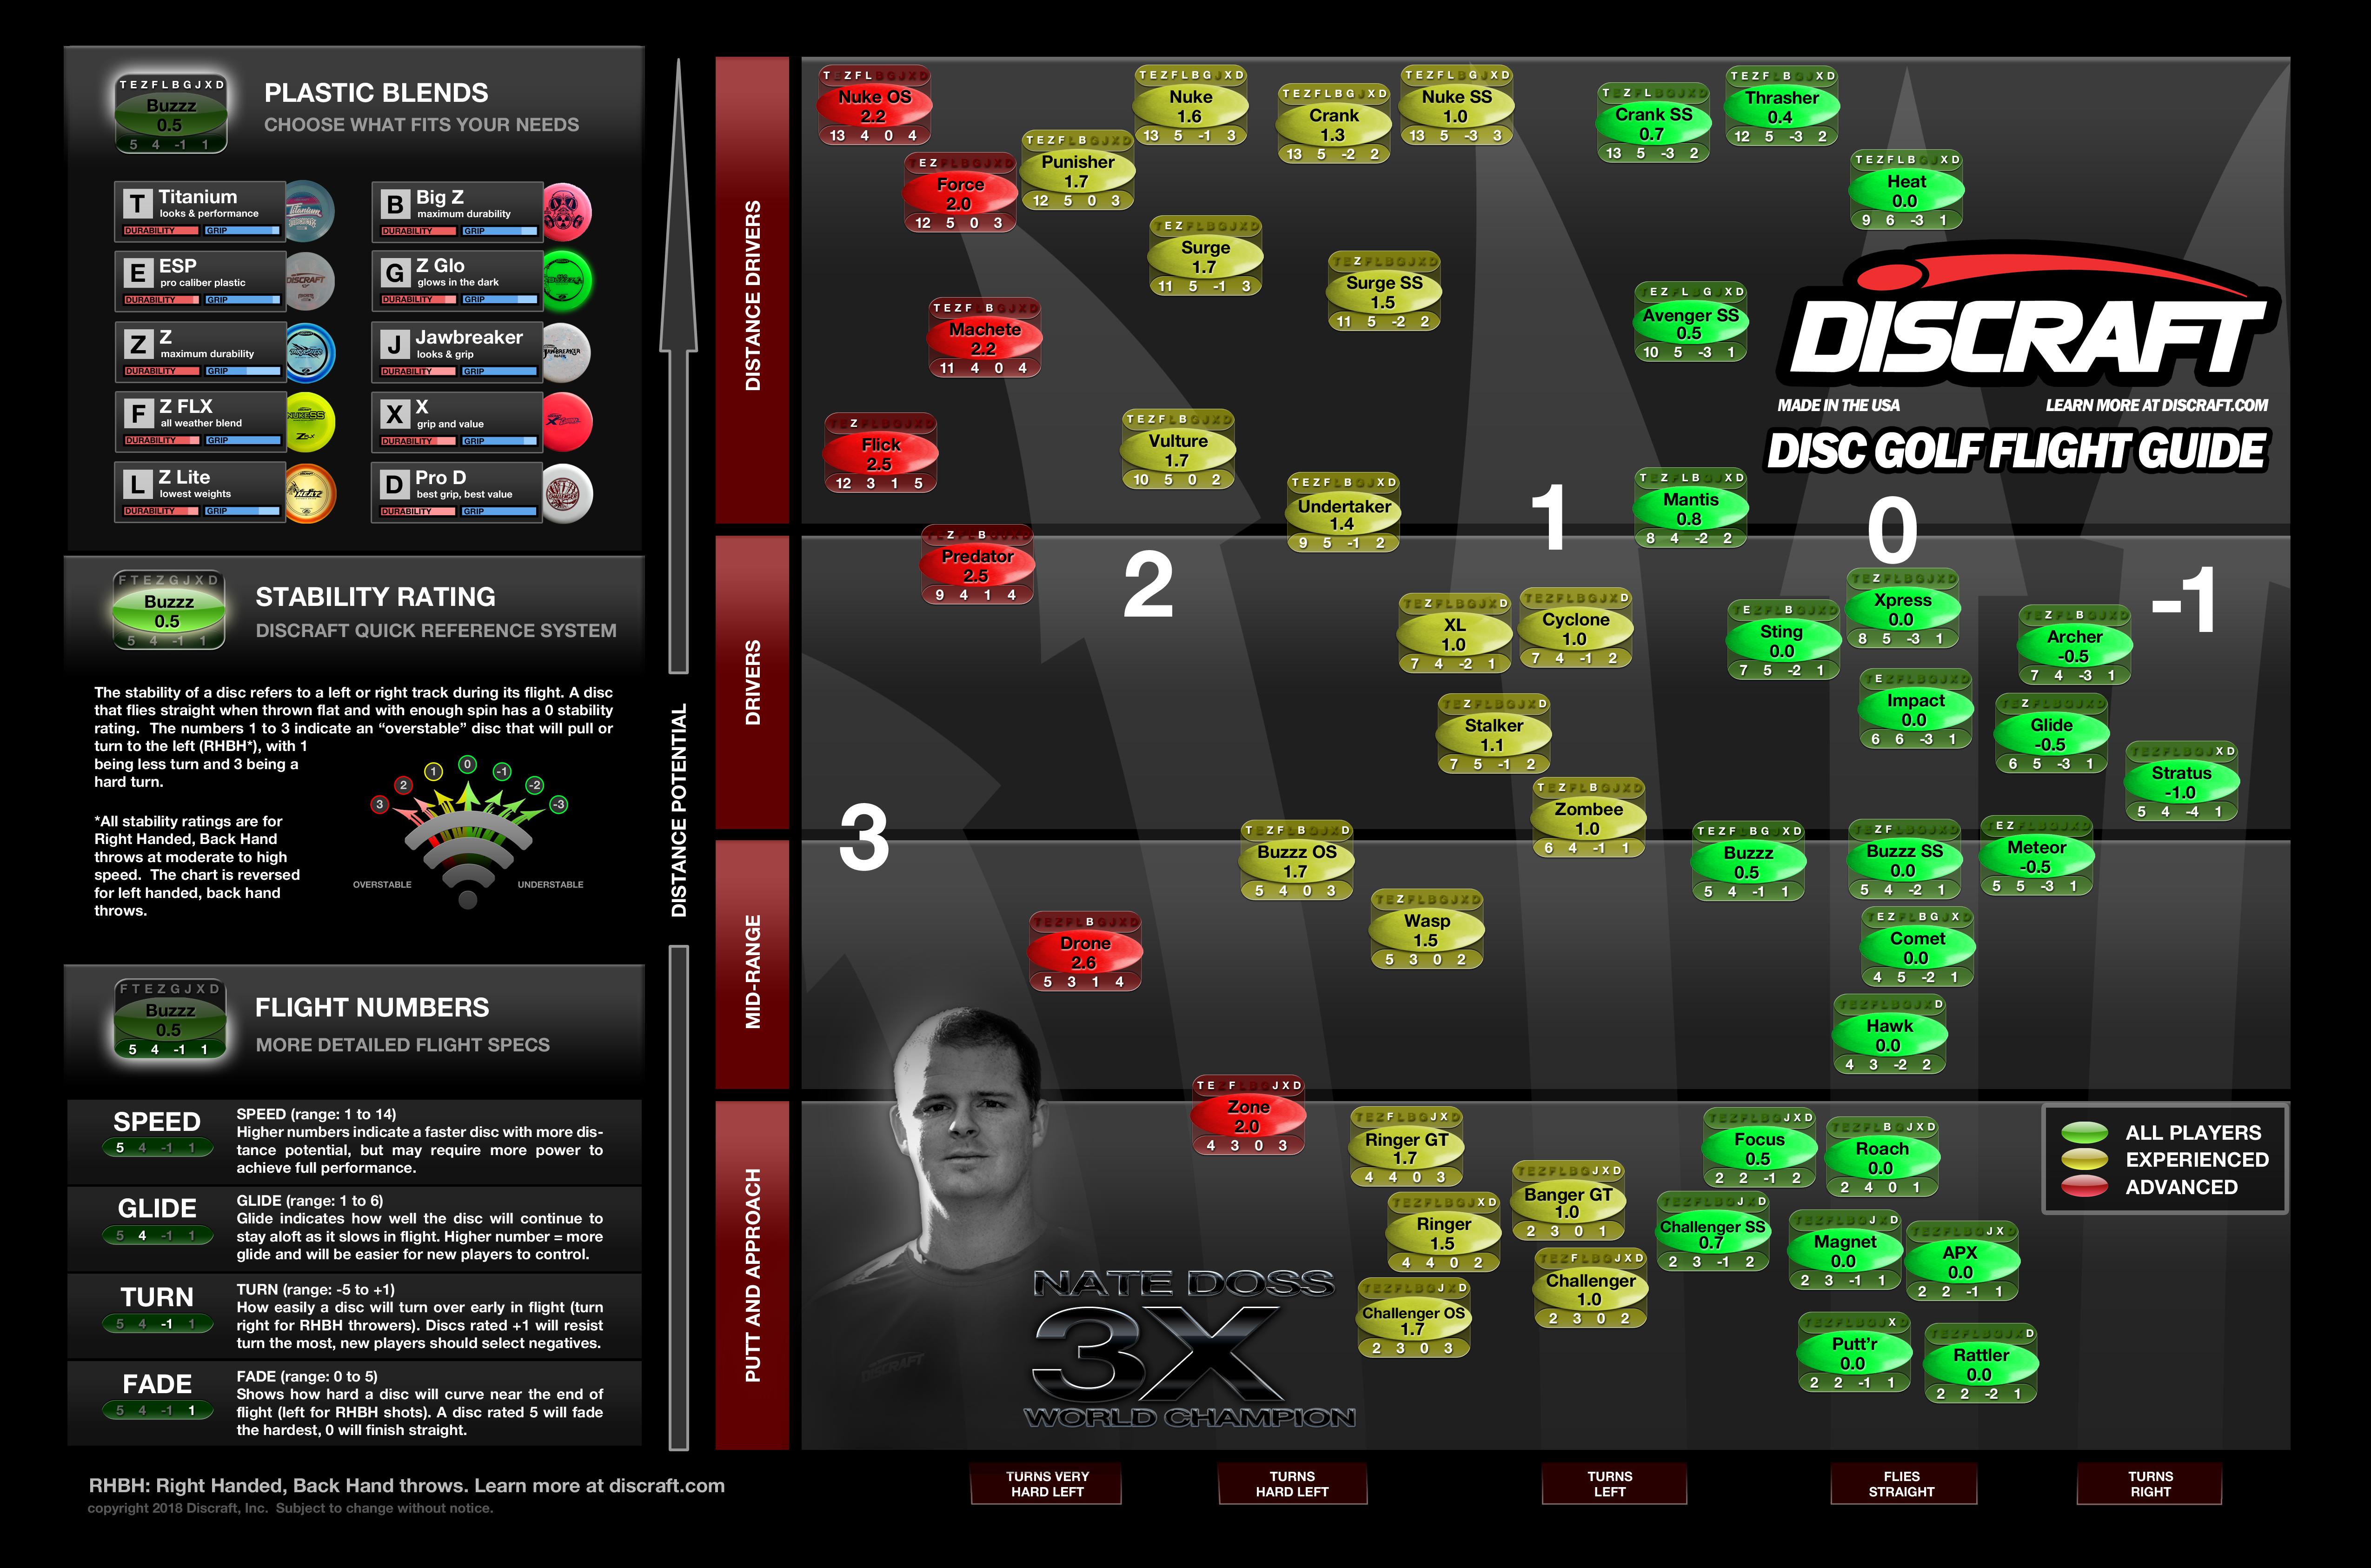 Discraft disc golf flight chart